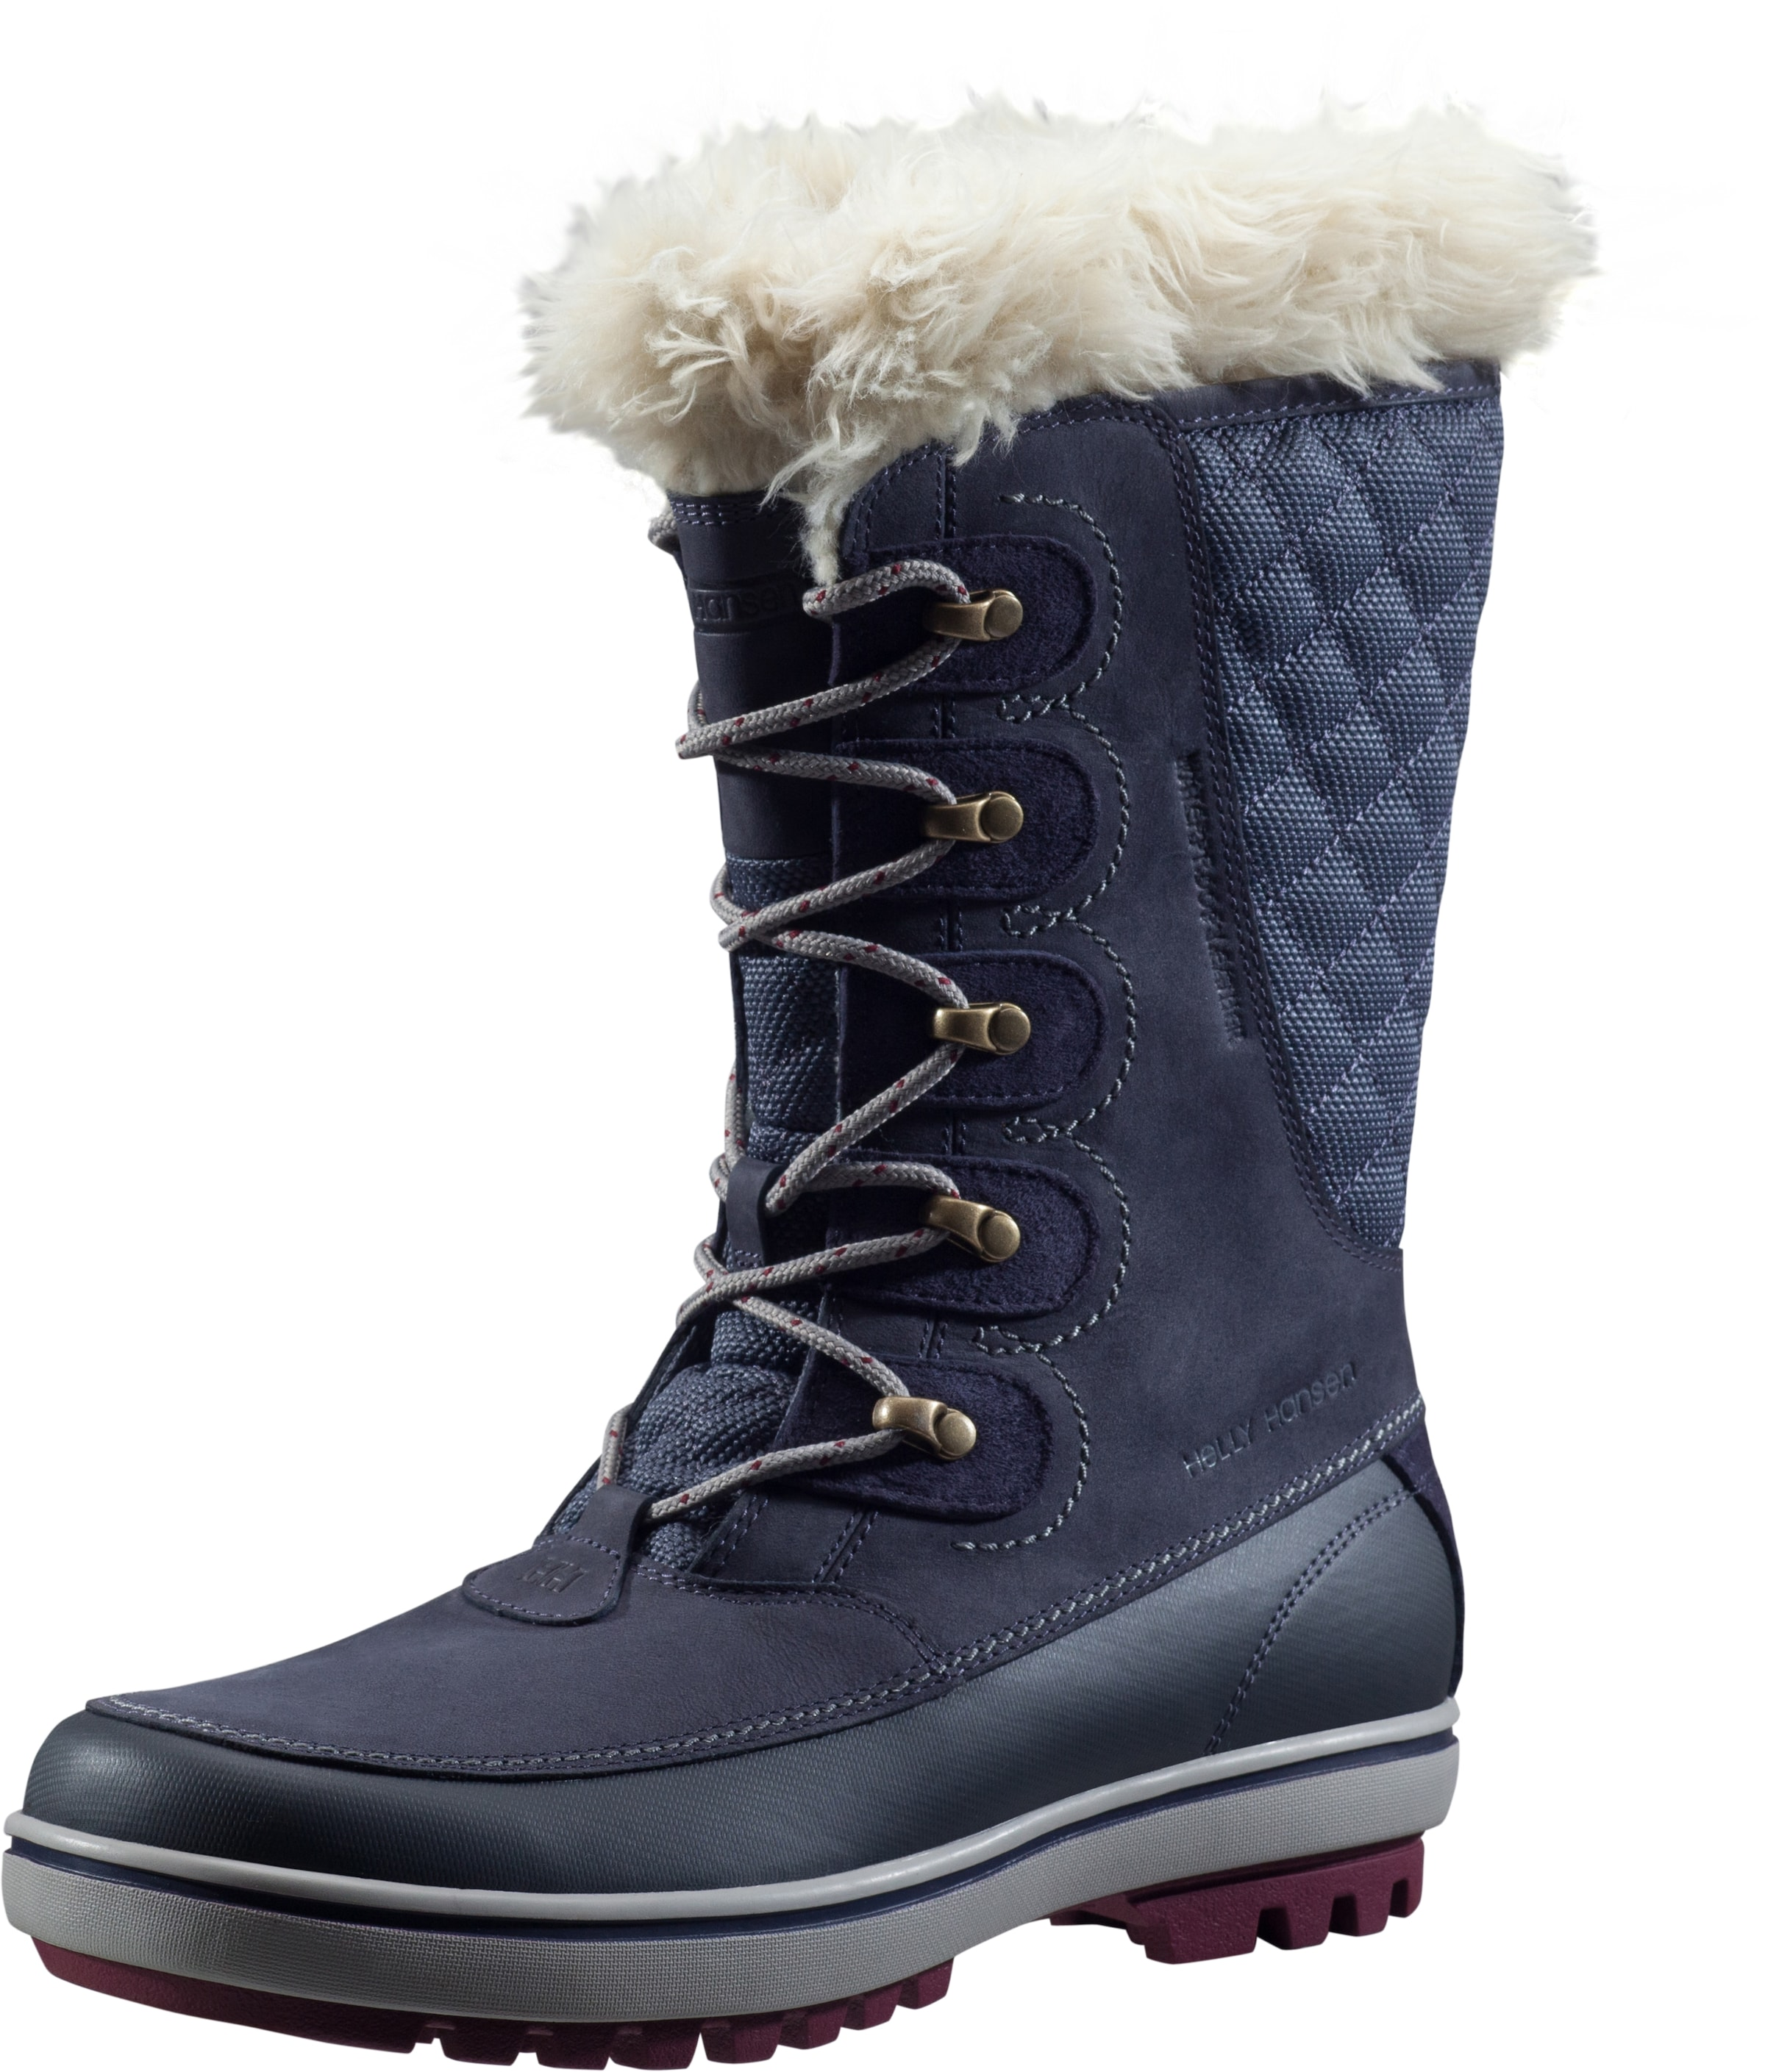 HELLY HANSEN Schneestiefel Verschleißfeste billige Schuhe